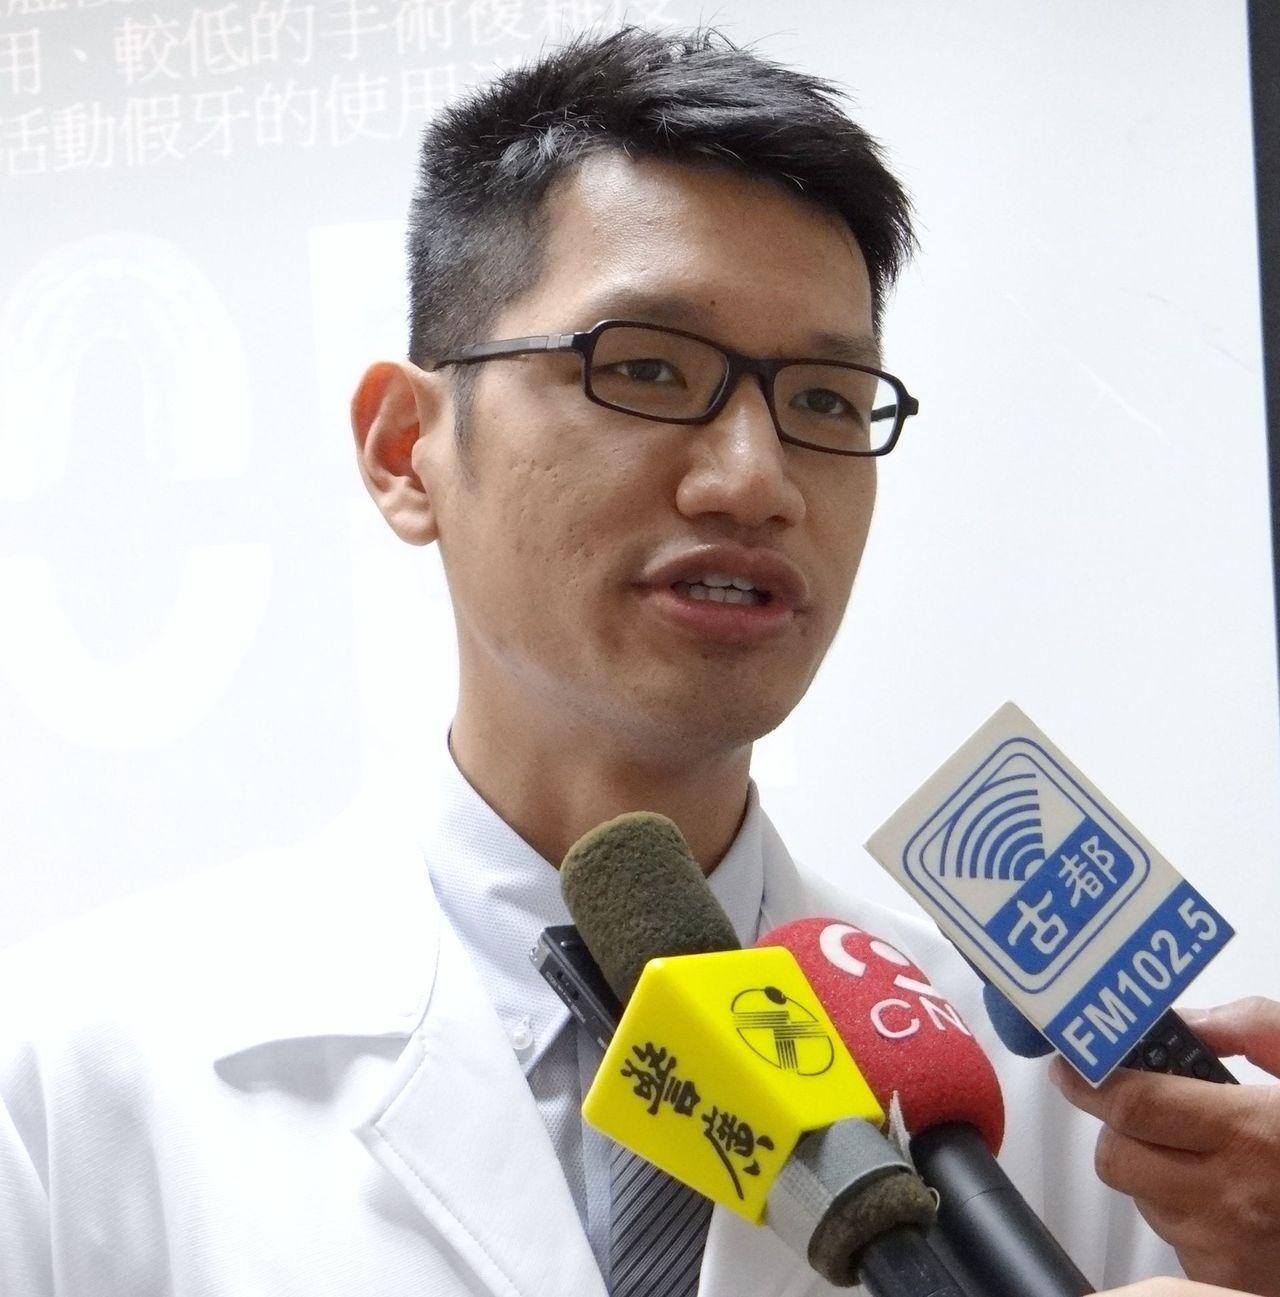 奇美醫學中心牙醫部贋復科主治醫師許育瑞,提出以植體覆蓋式活動義齒之於全口無牙病人...